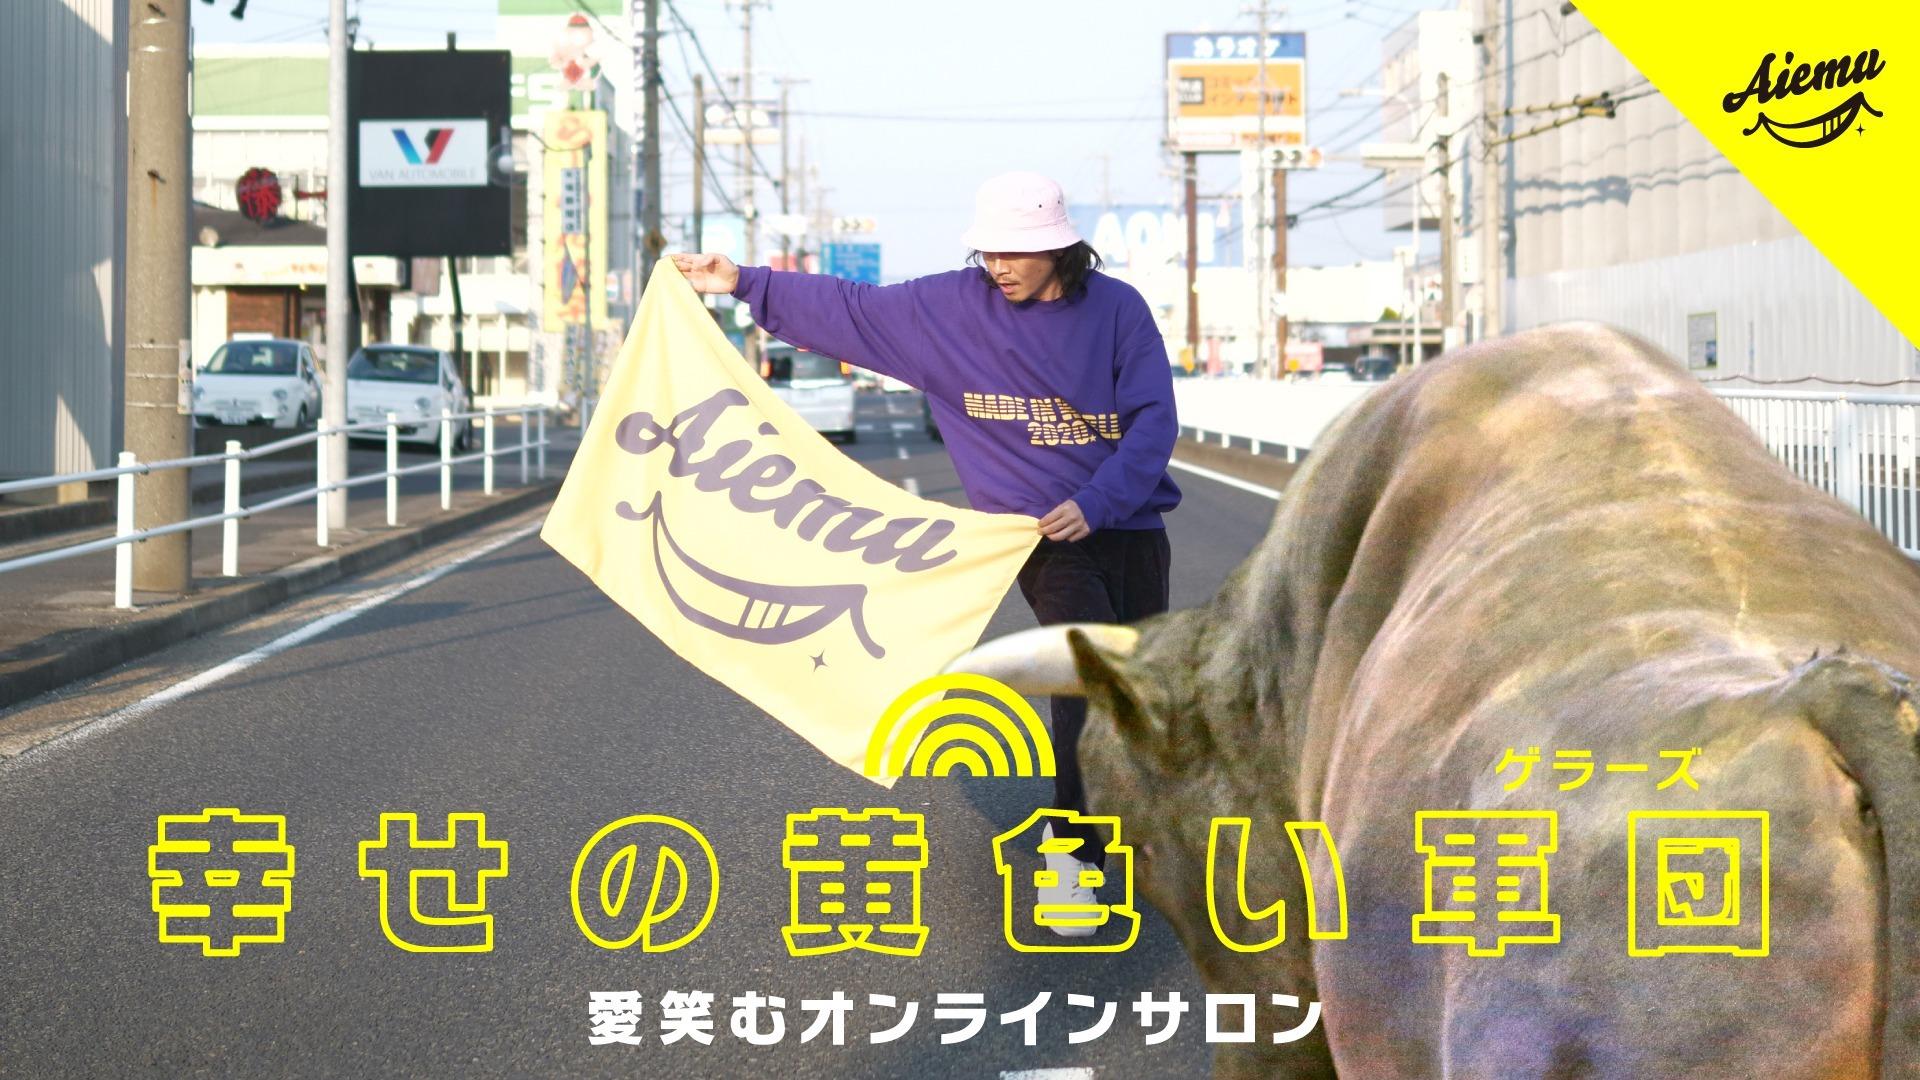 愛笑むオンラインサロン 【幸せの黄色い軍団(ゲラーズ)】